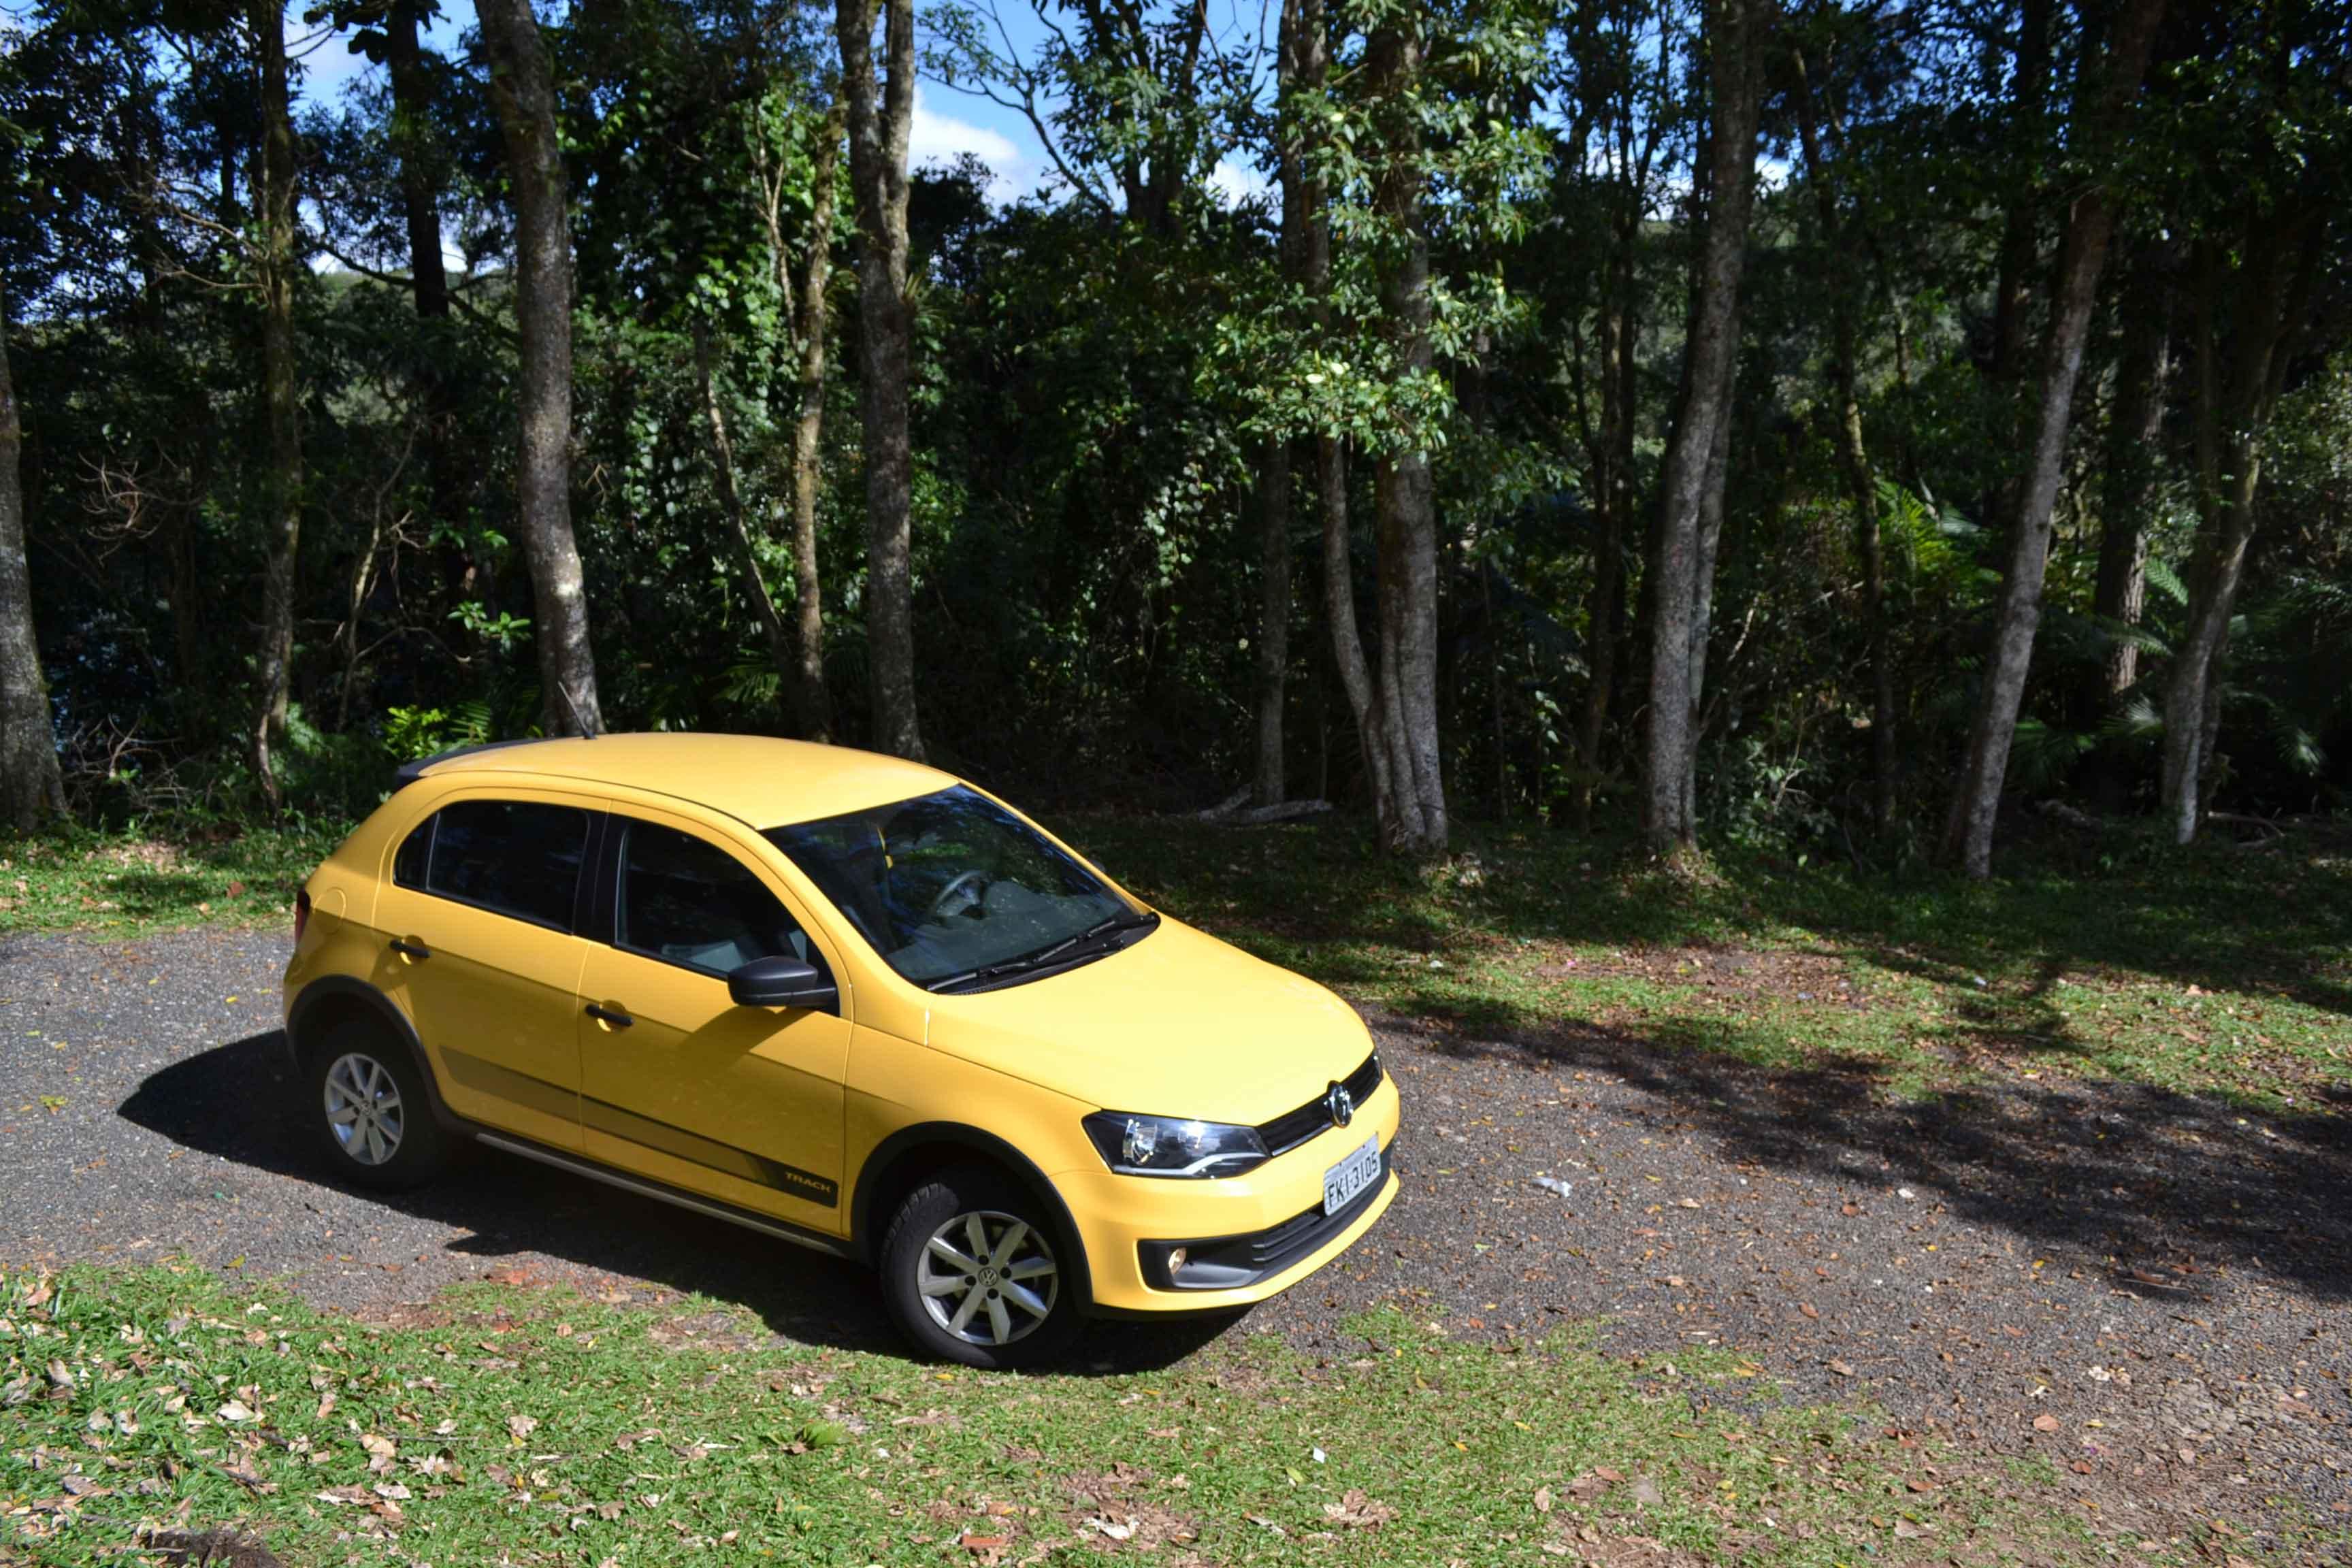 A versão básica sai por R$ 33.210, mas a completa, na cor Amarelo Solaris (foto), custa R$ 40.335